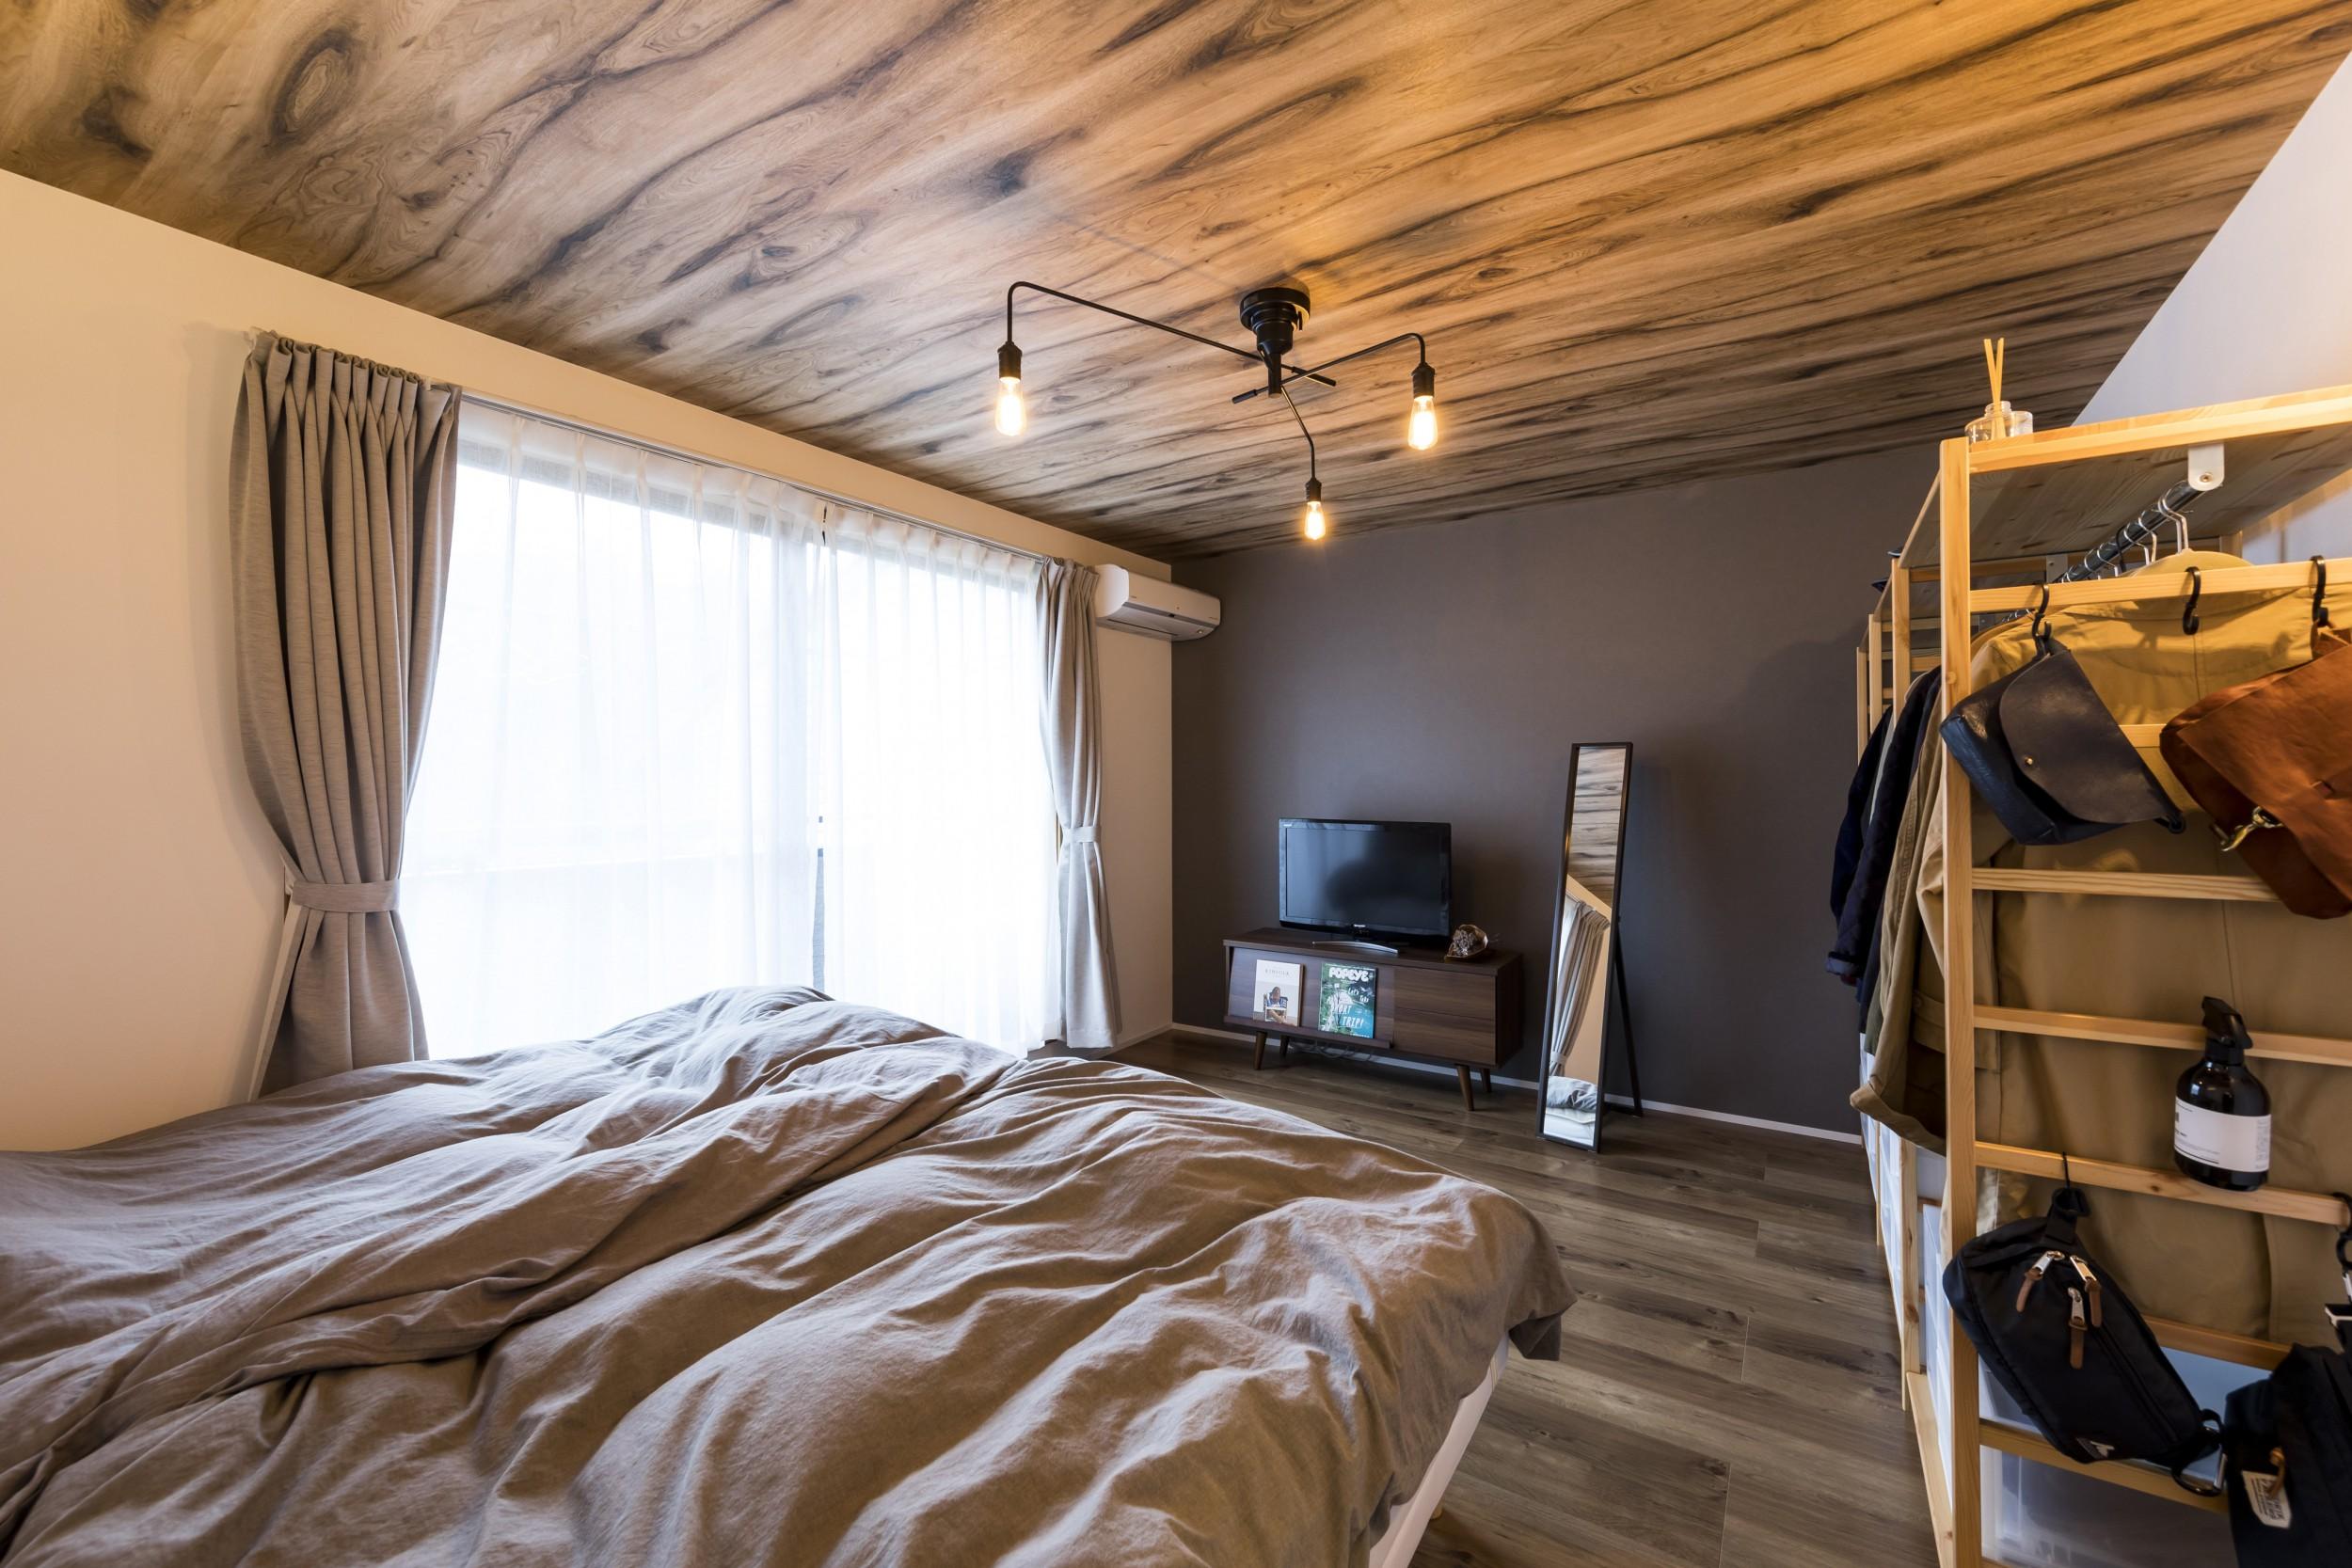 岐阜市H様邸のリノベーション事例の寝室